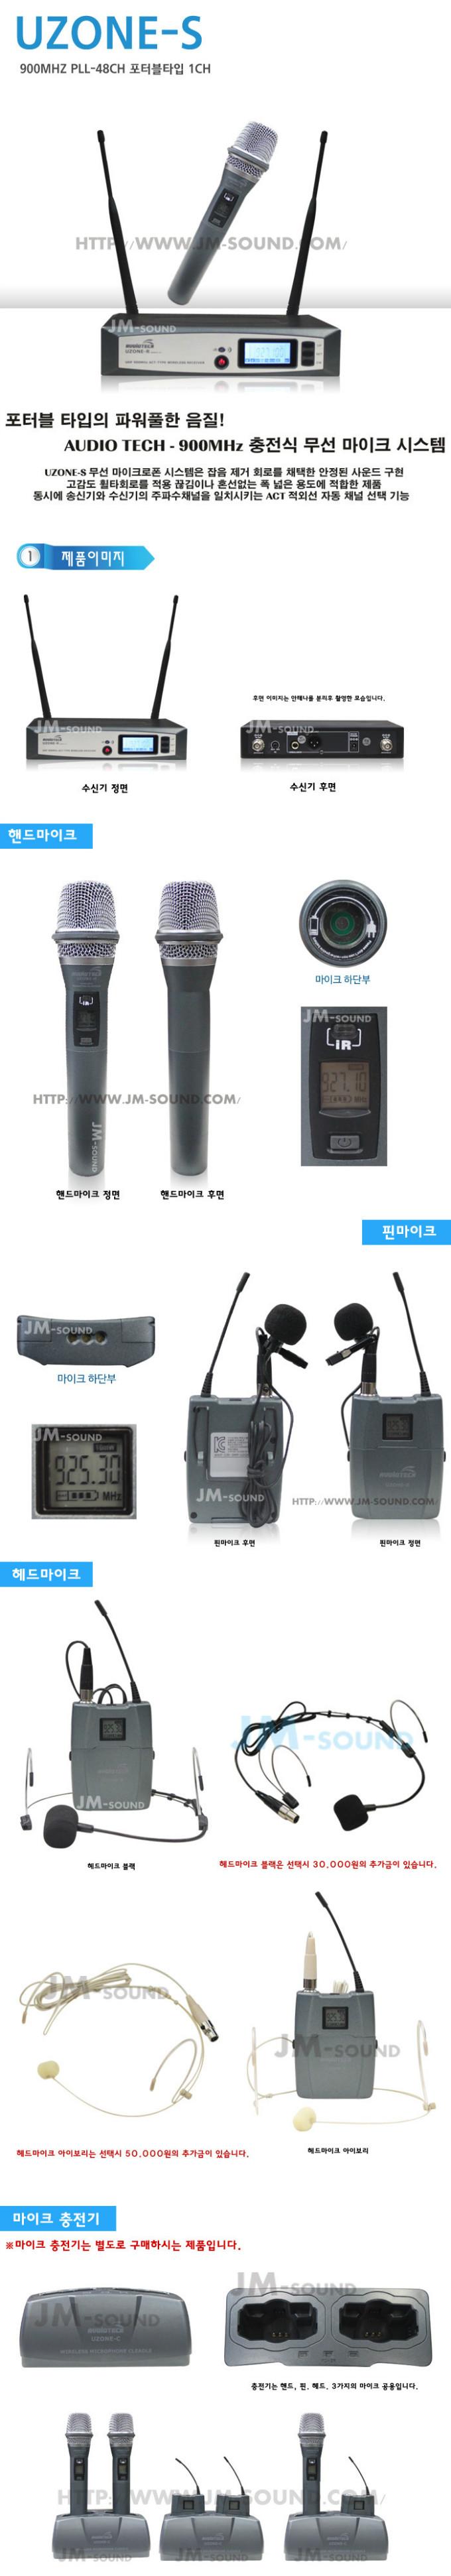 UZONE-S-H5.jpg